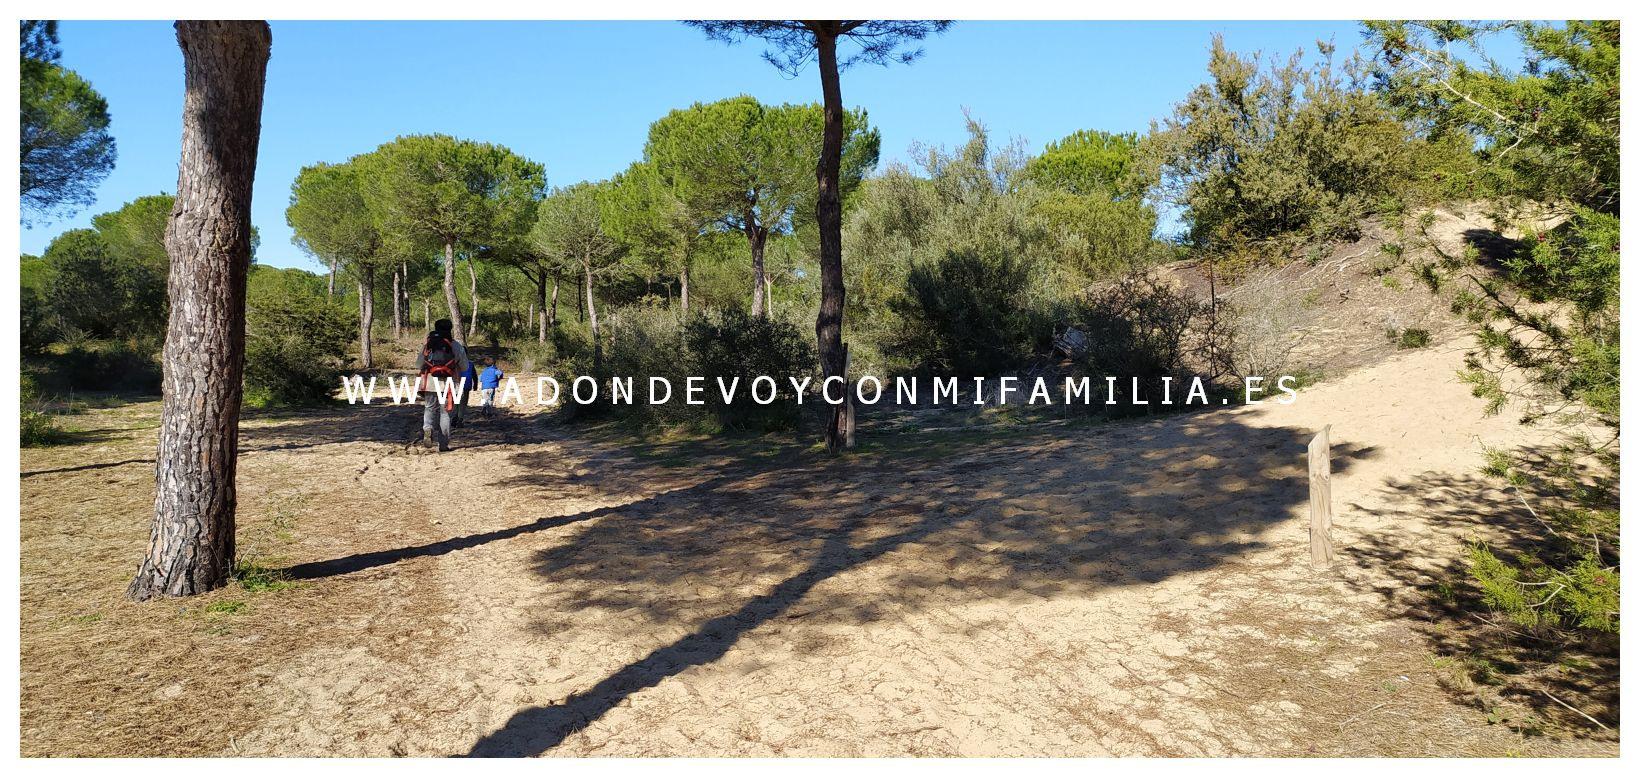 sendero-cerro-del-aguila-pinar-de-la-algaida-sanlucar-adondevoyconmifamilia-16